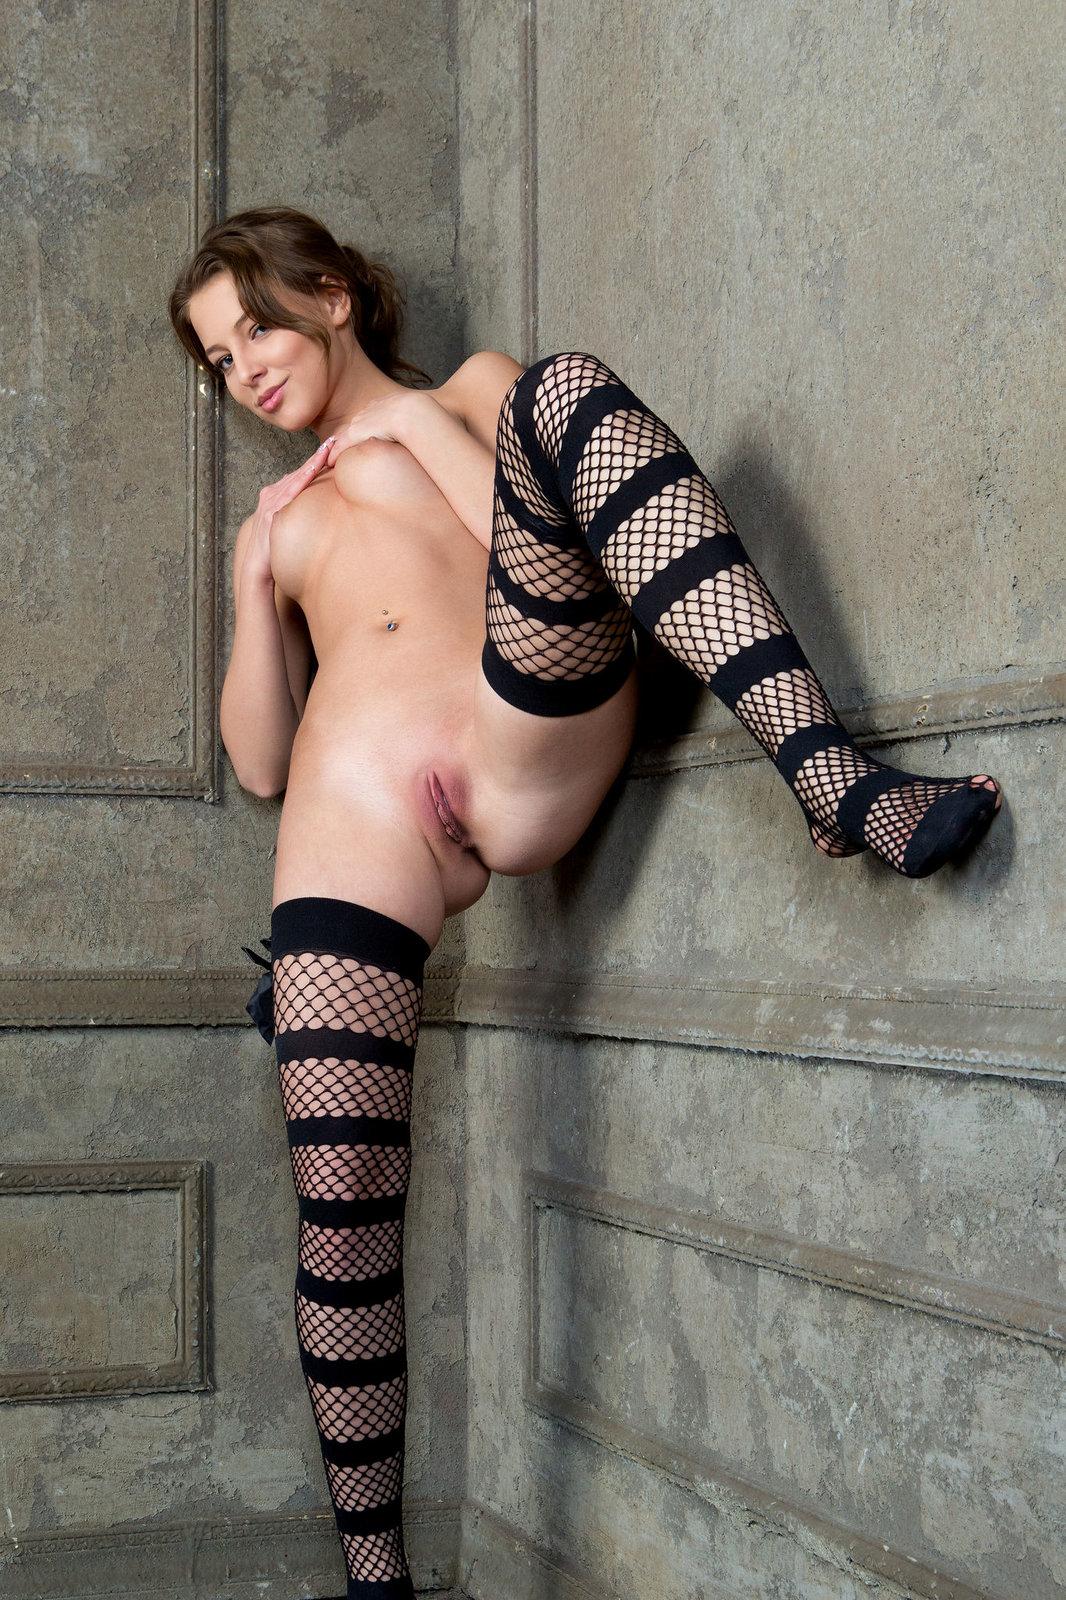 Zdjęcie porno - 071 - Zgrabna modelka z małym biustem